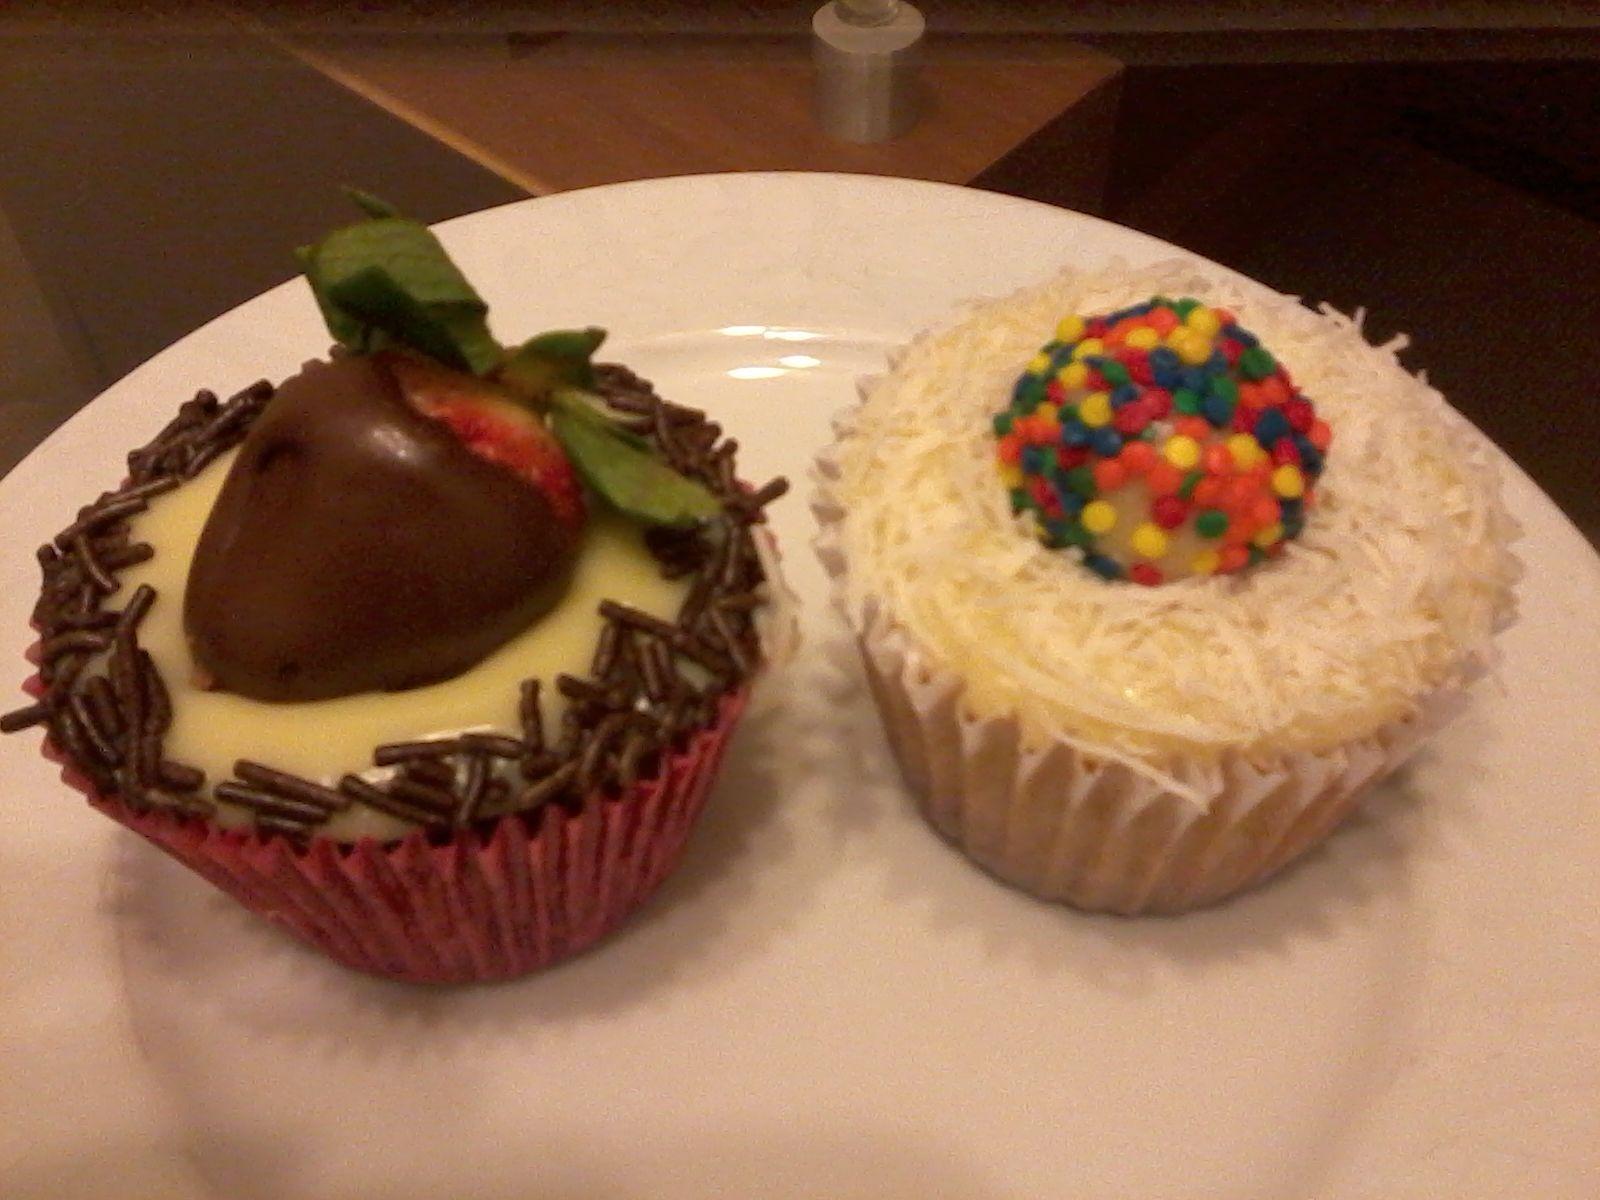 Meu cupcake